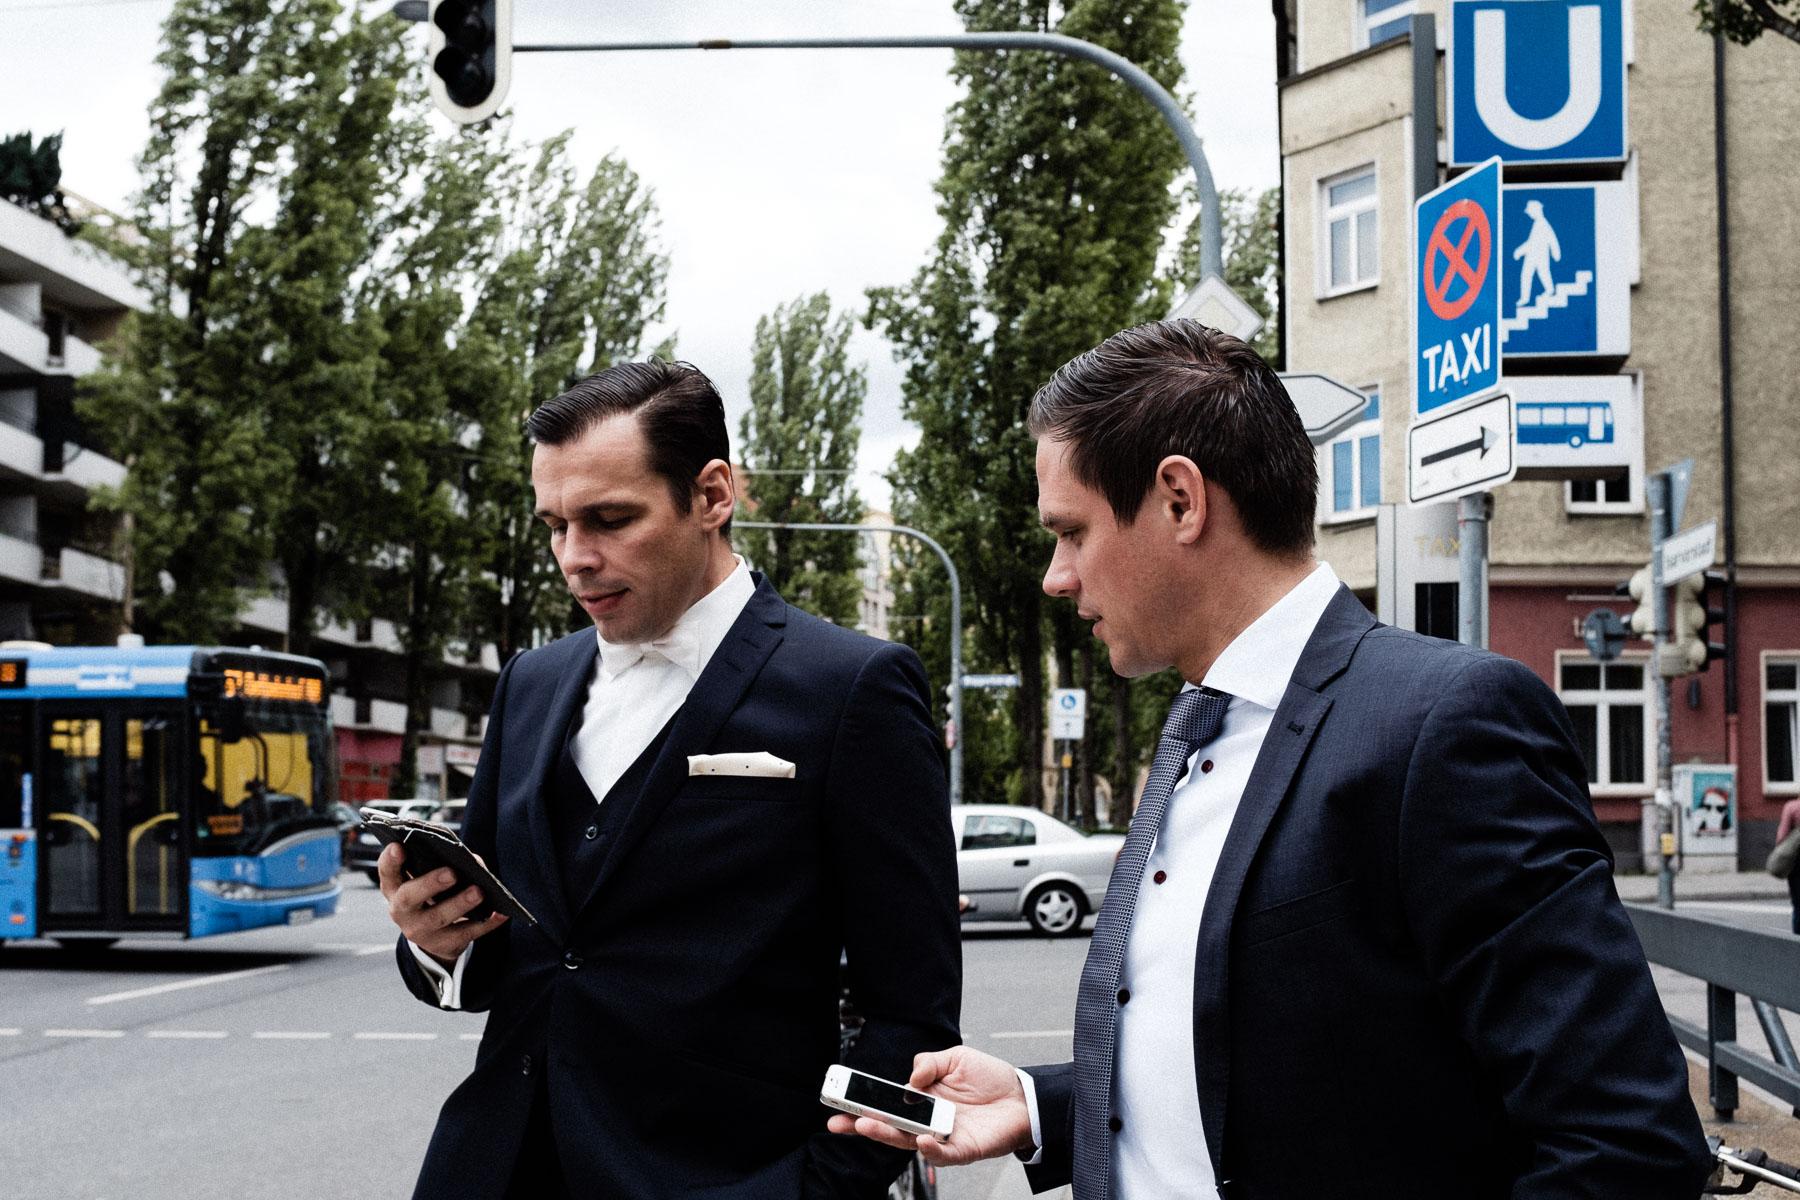 MartinLiebl_Hochzeitsfotograf_MML_Blog_23.jpg